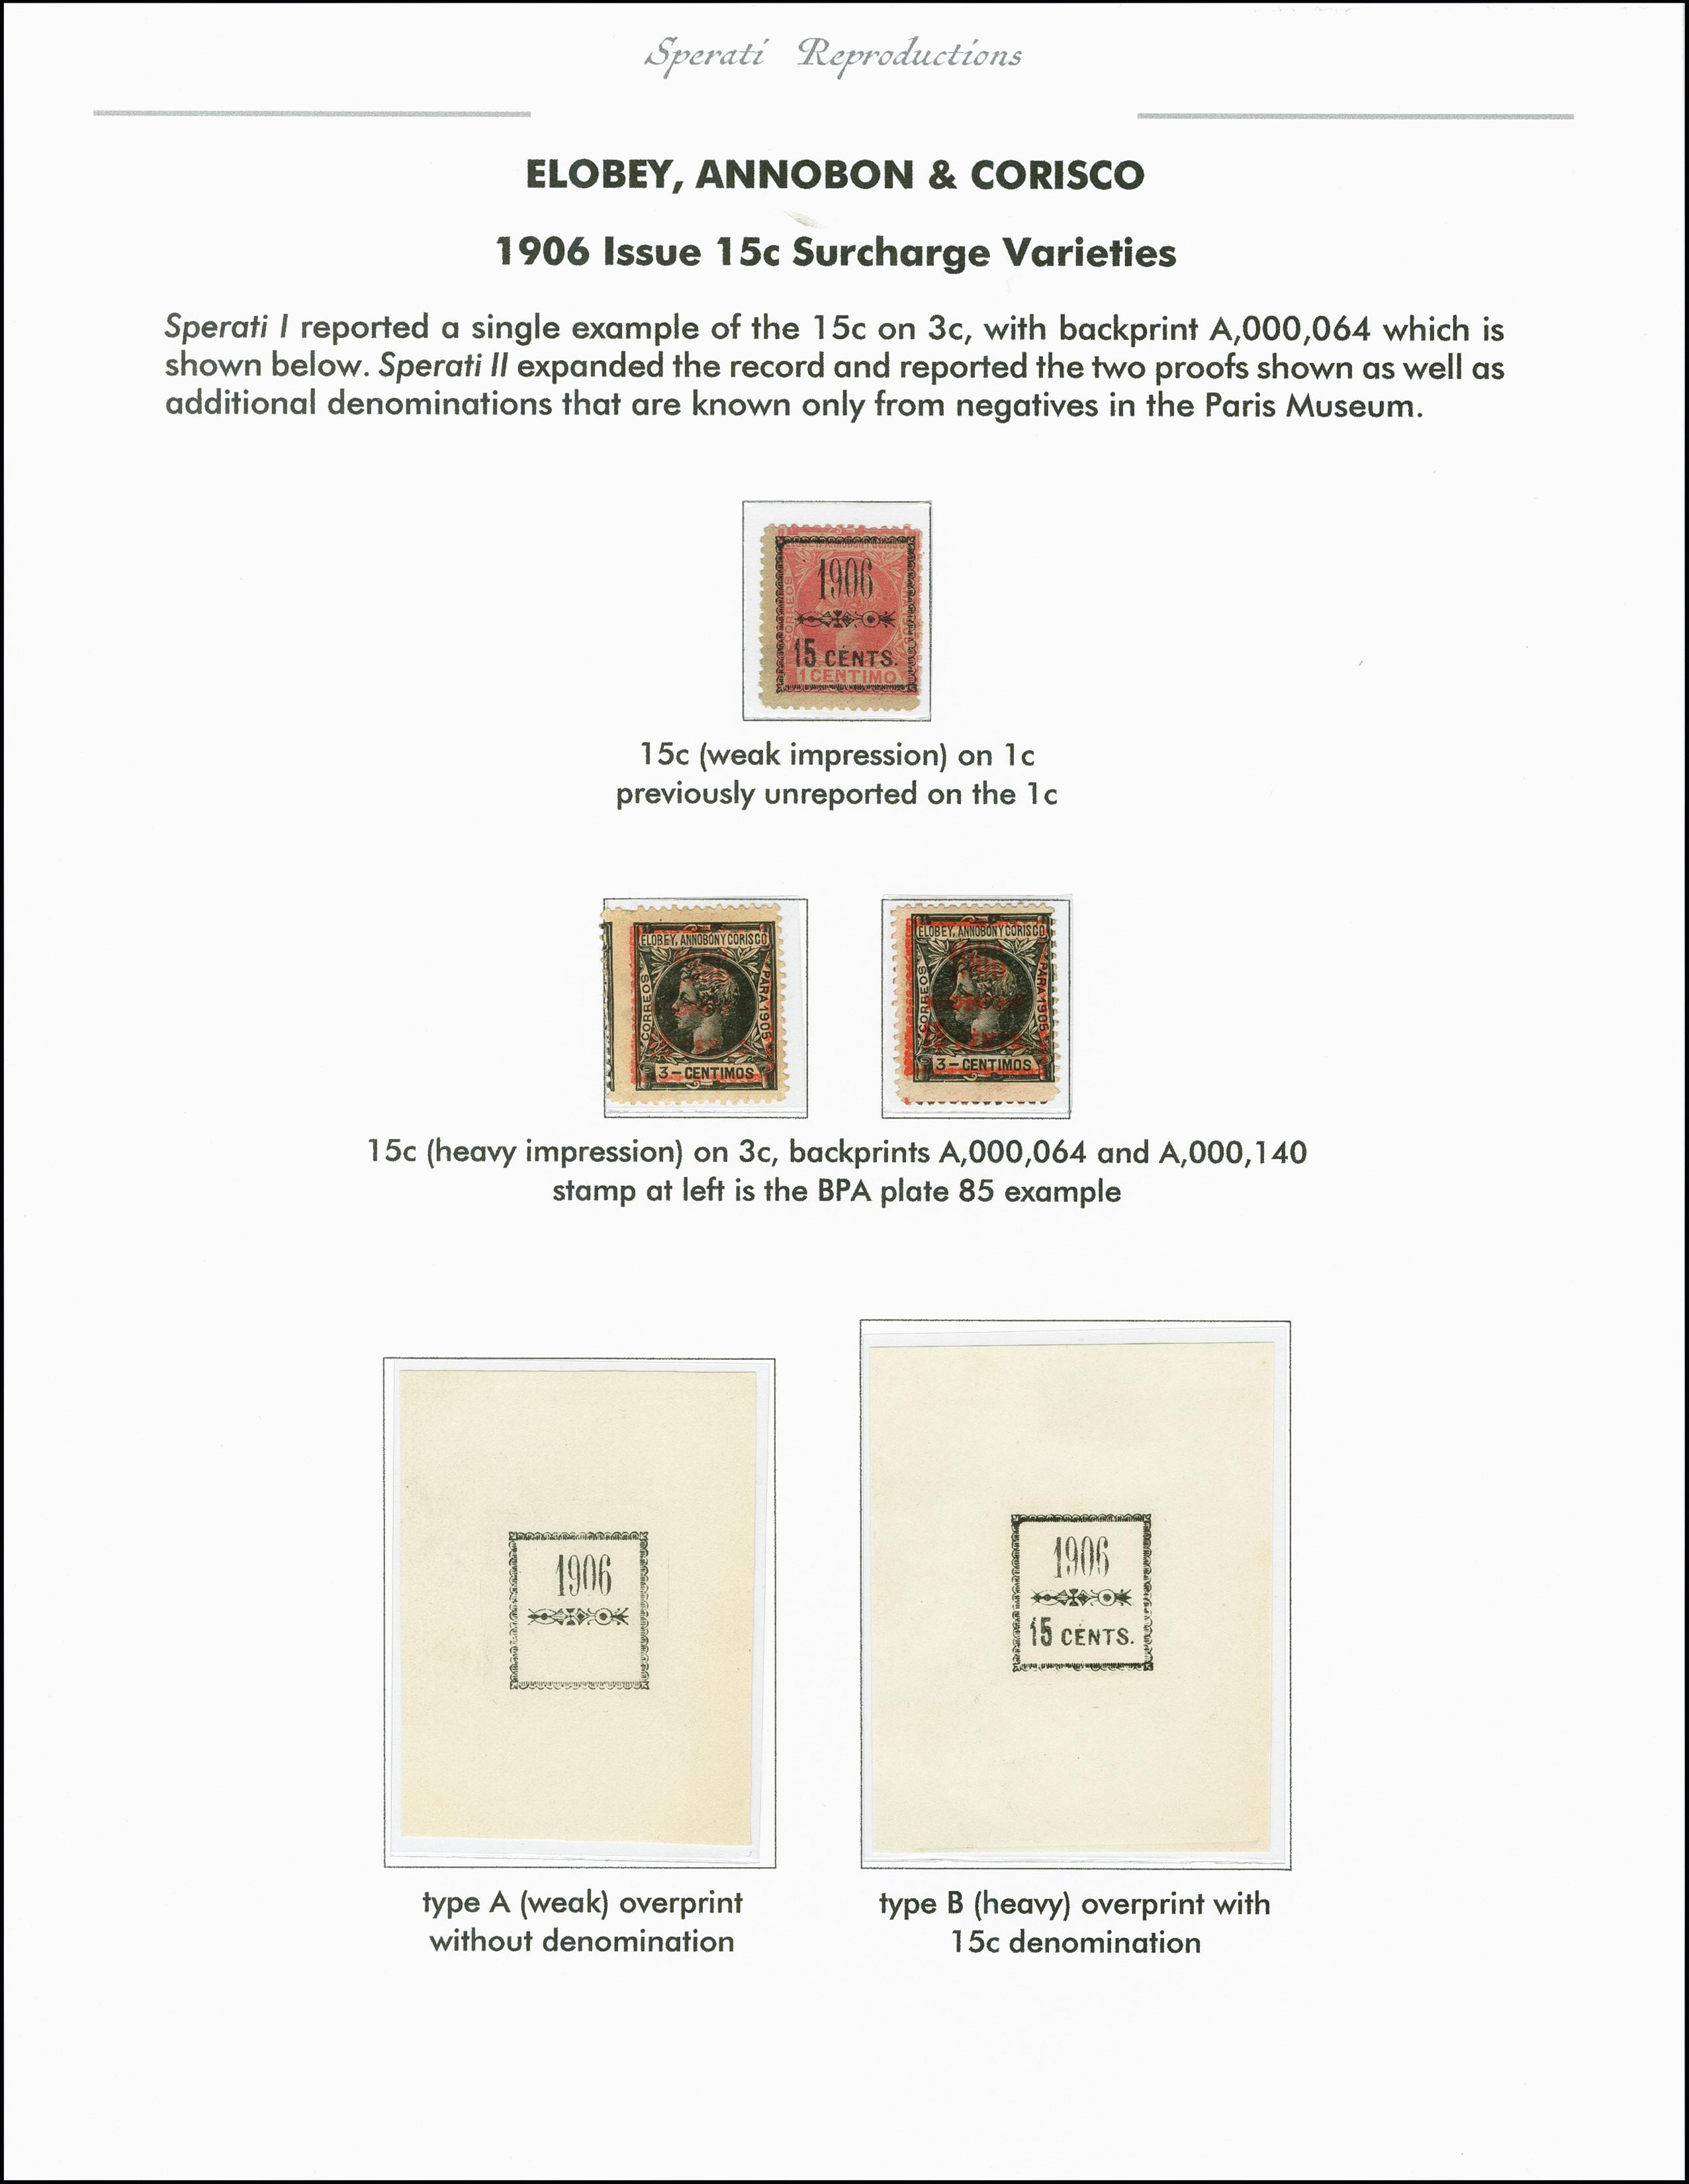 Lot 2214 - spanische kolonien elobey -  Heinrich Koehler Auktionen 375rd Heinrich Köhler auction - Day 1